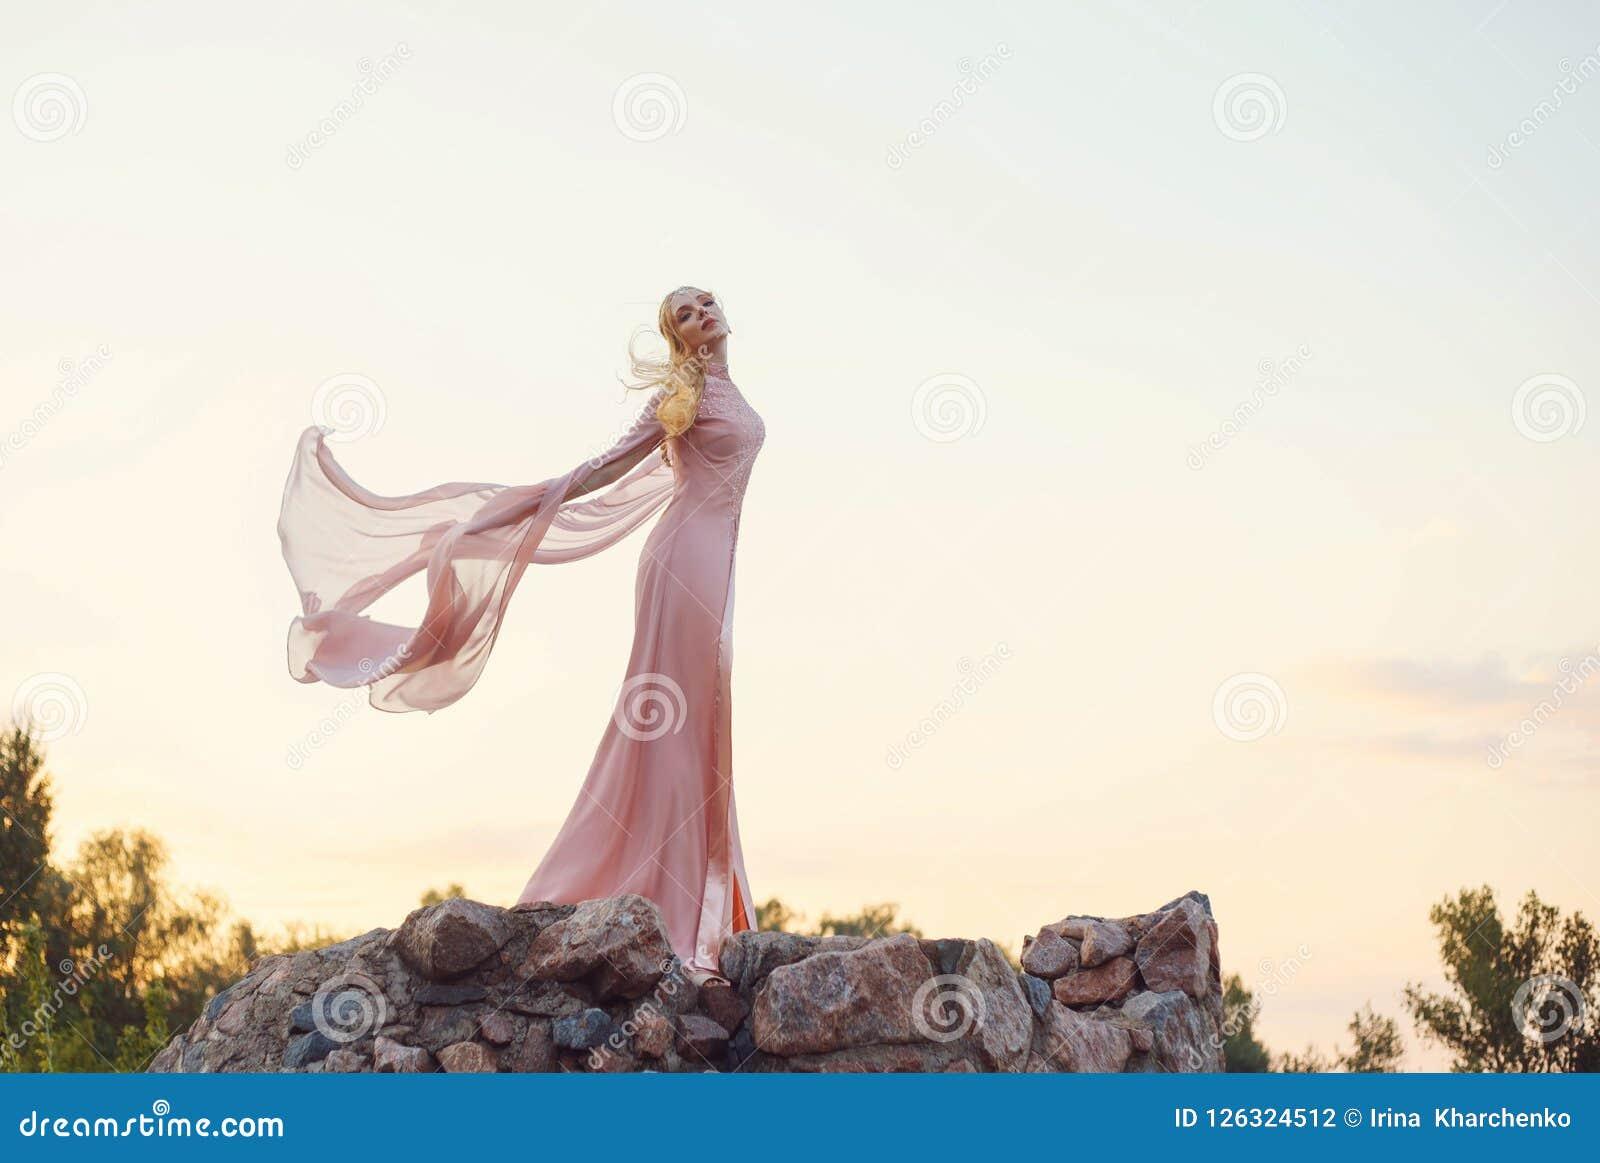 有白肤金发的公平的波浪发的典雅的公主有对此的冠状头饰的,佩带一长浅粉红色起来了振翼的礼服,站立